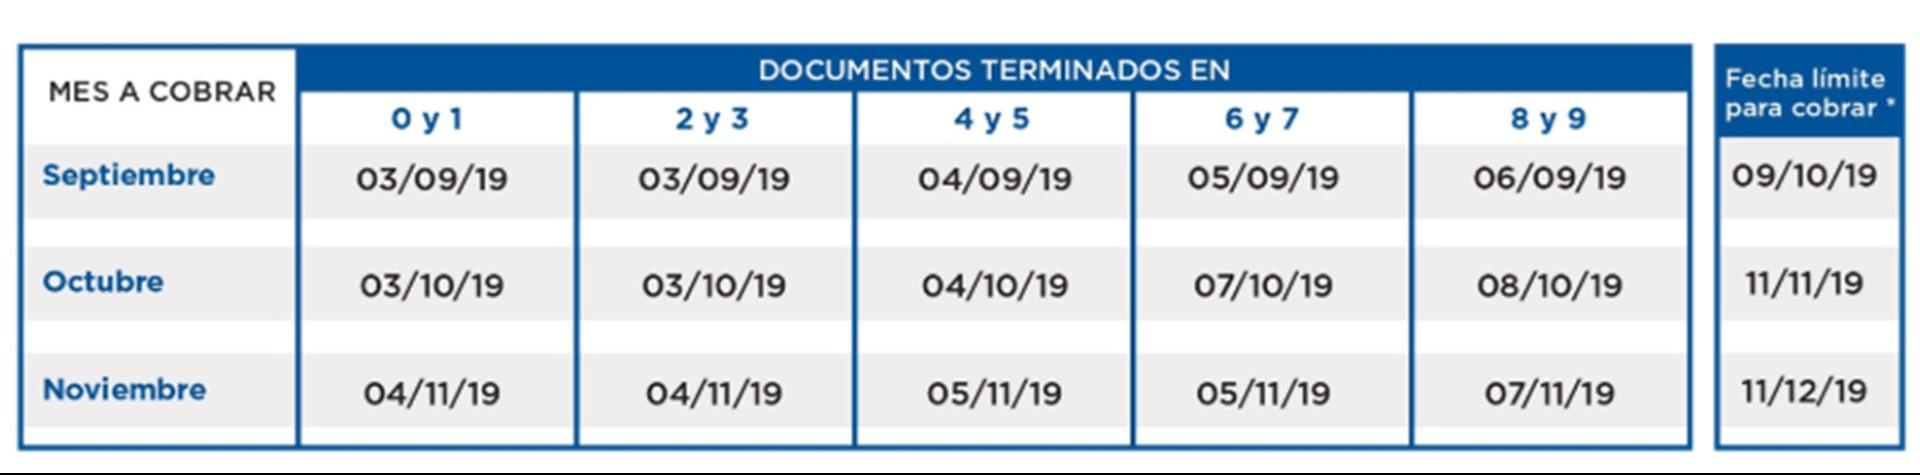 Calendarios de pagos GOB SF (7)